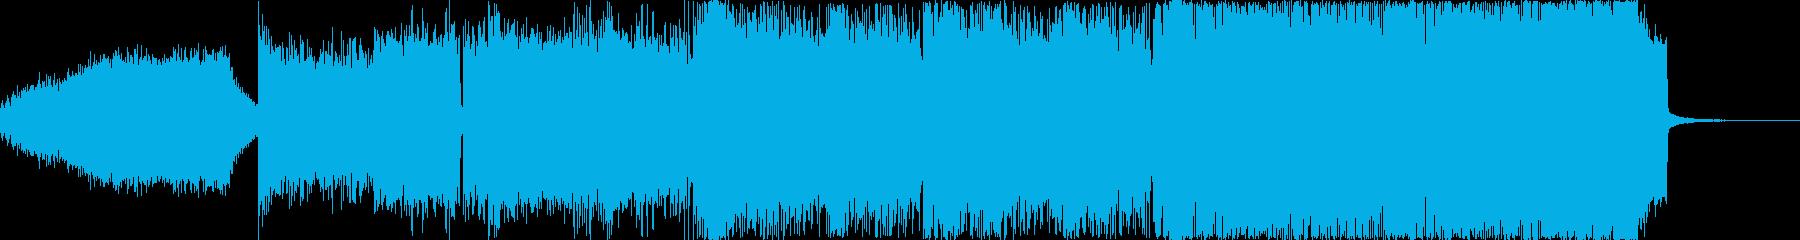 イカしたギターと電子サウンドの融合の再生済みの波形